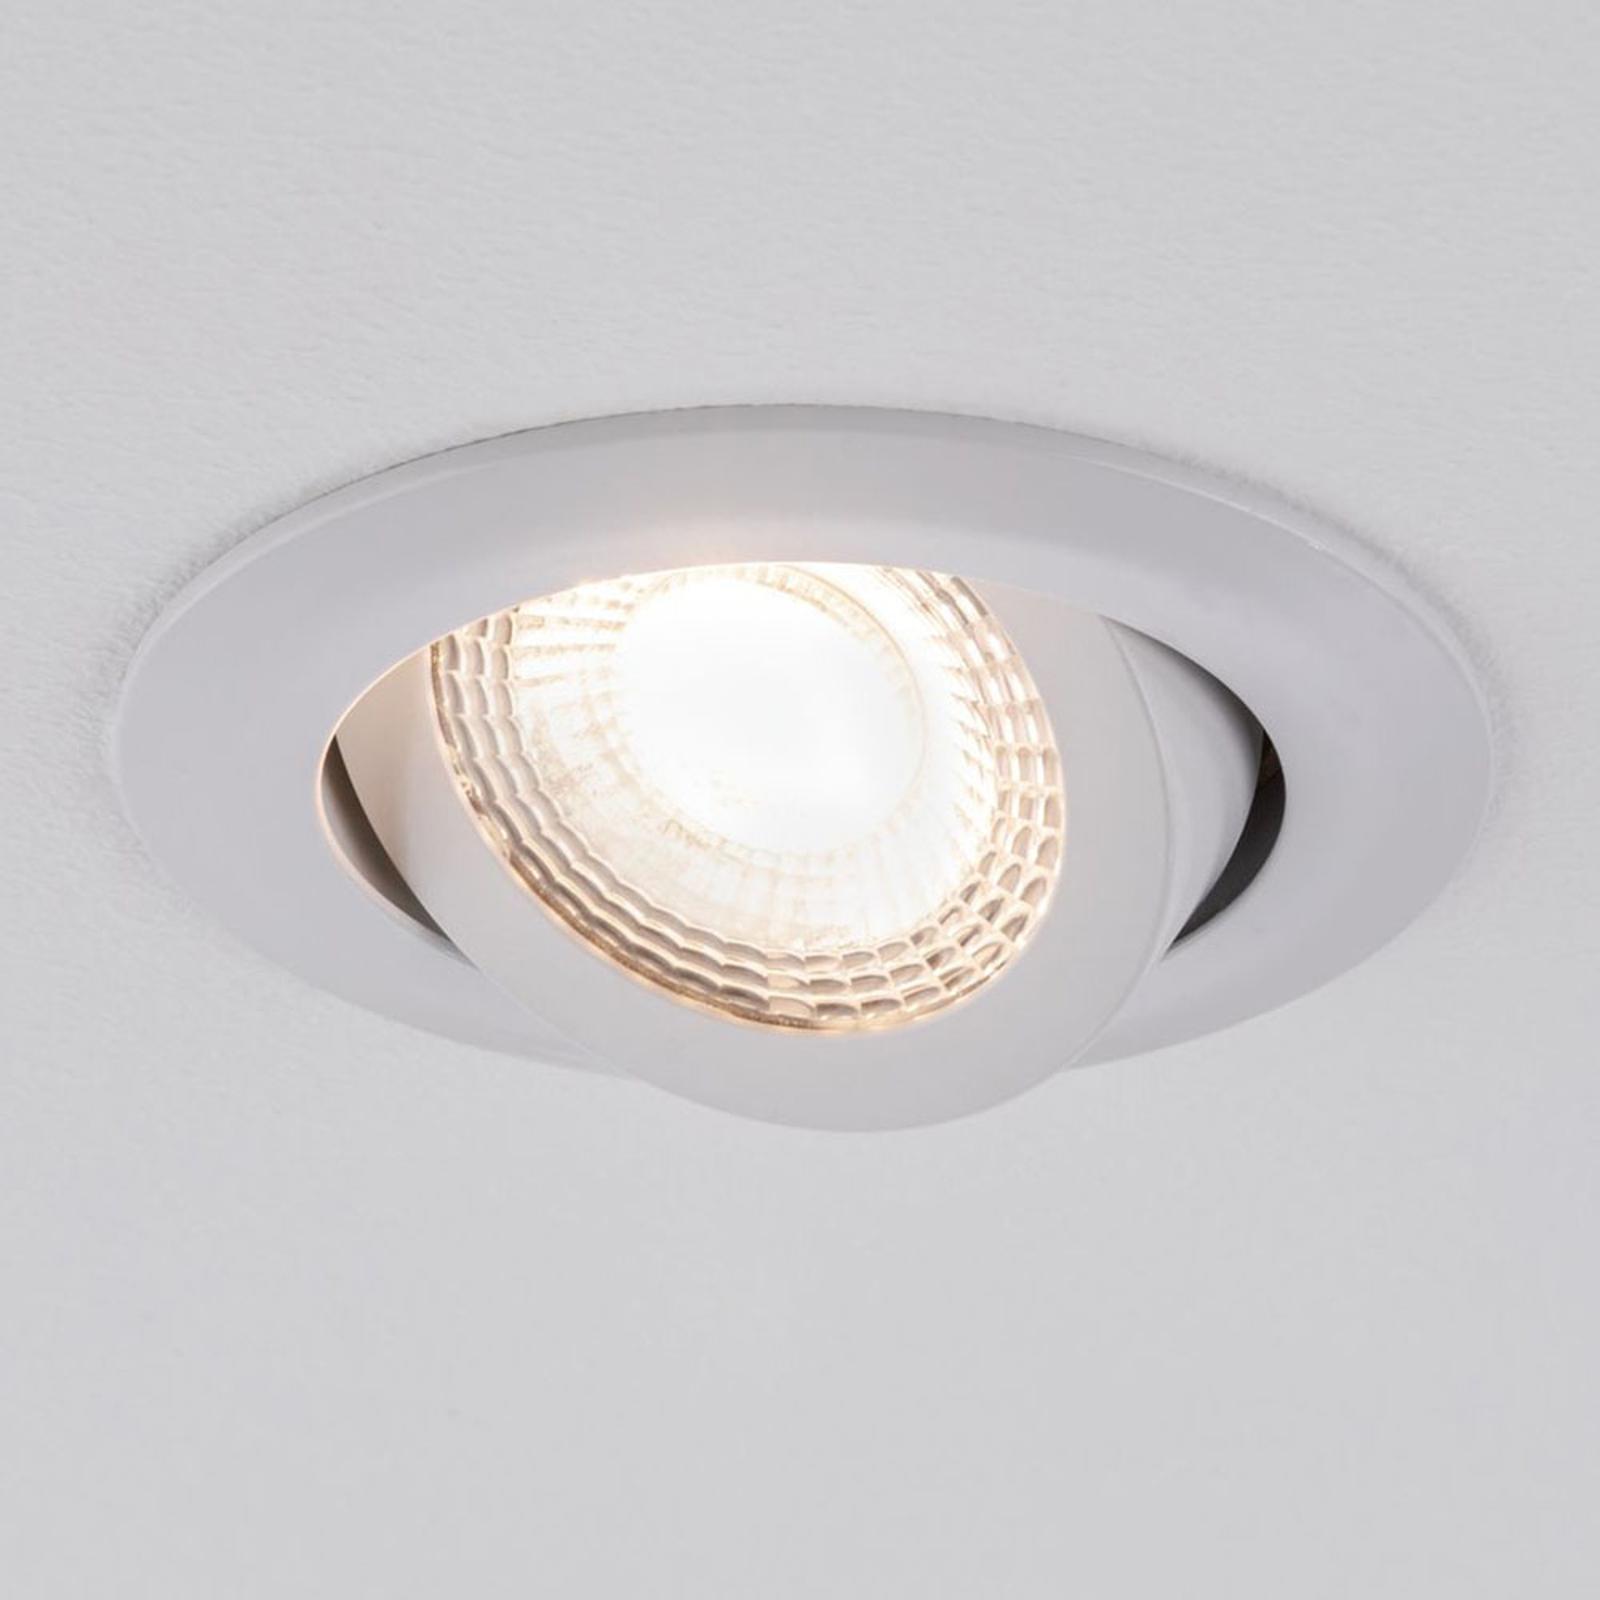 Paulmann 92985 reflektor wpuszczany 3 x 6W, biały